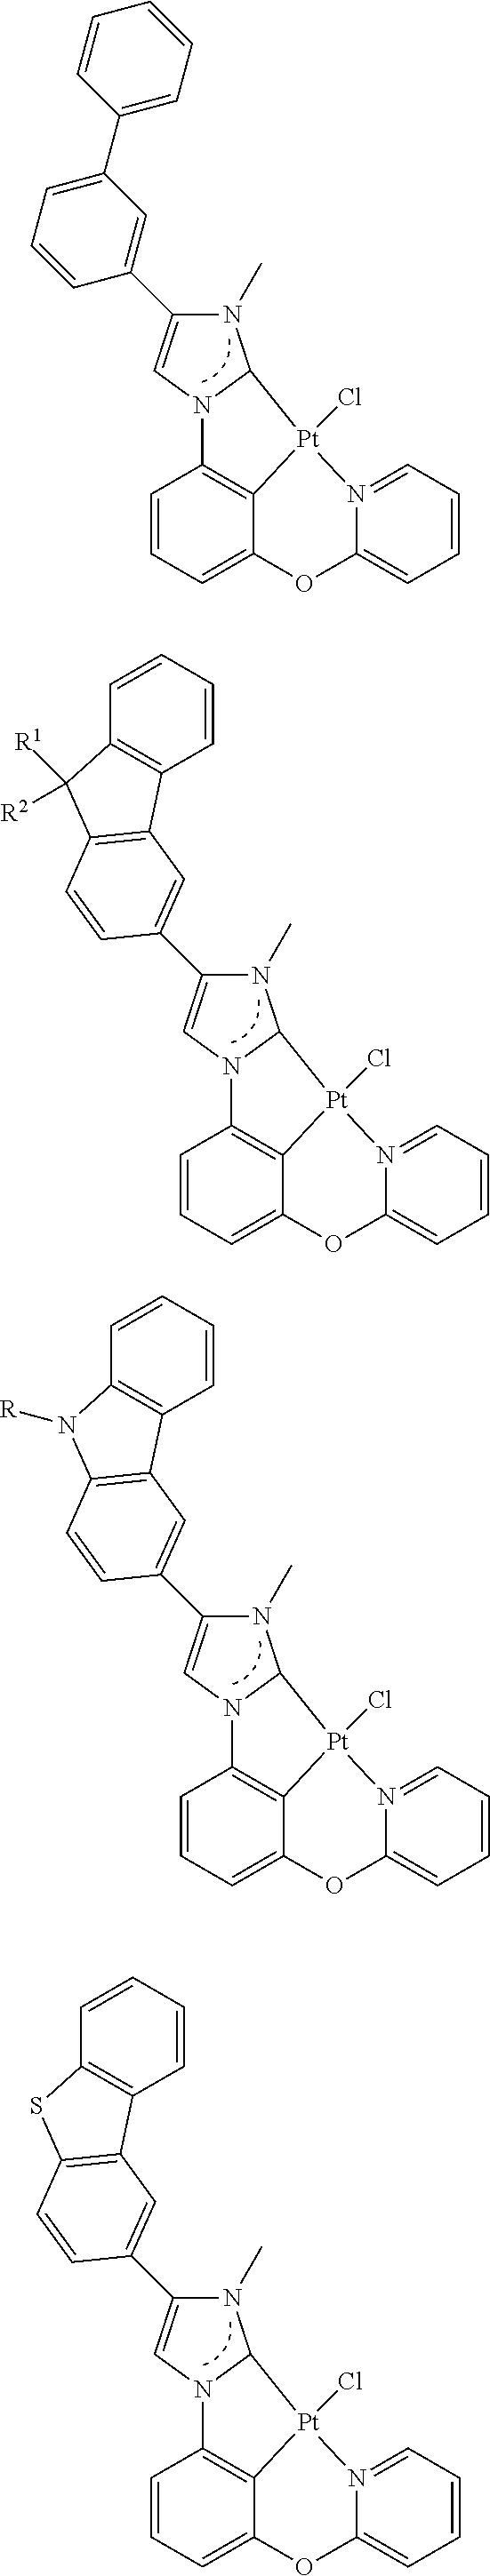 Figure US09818959-20171114-C00138